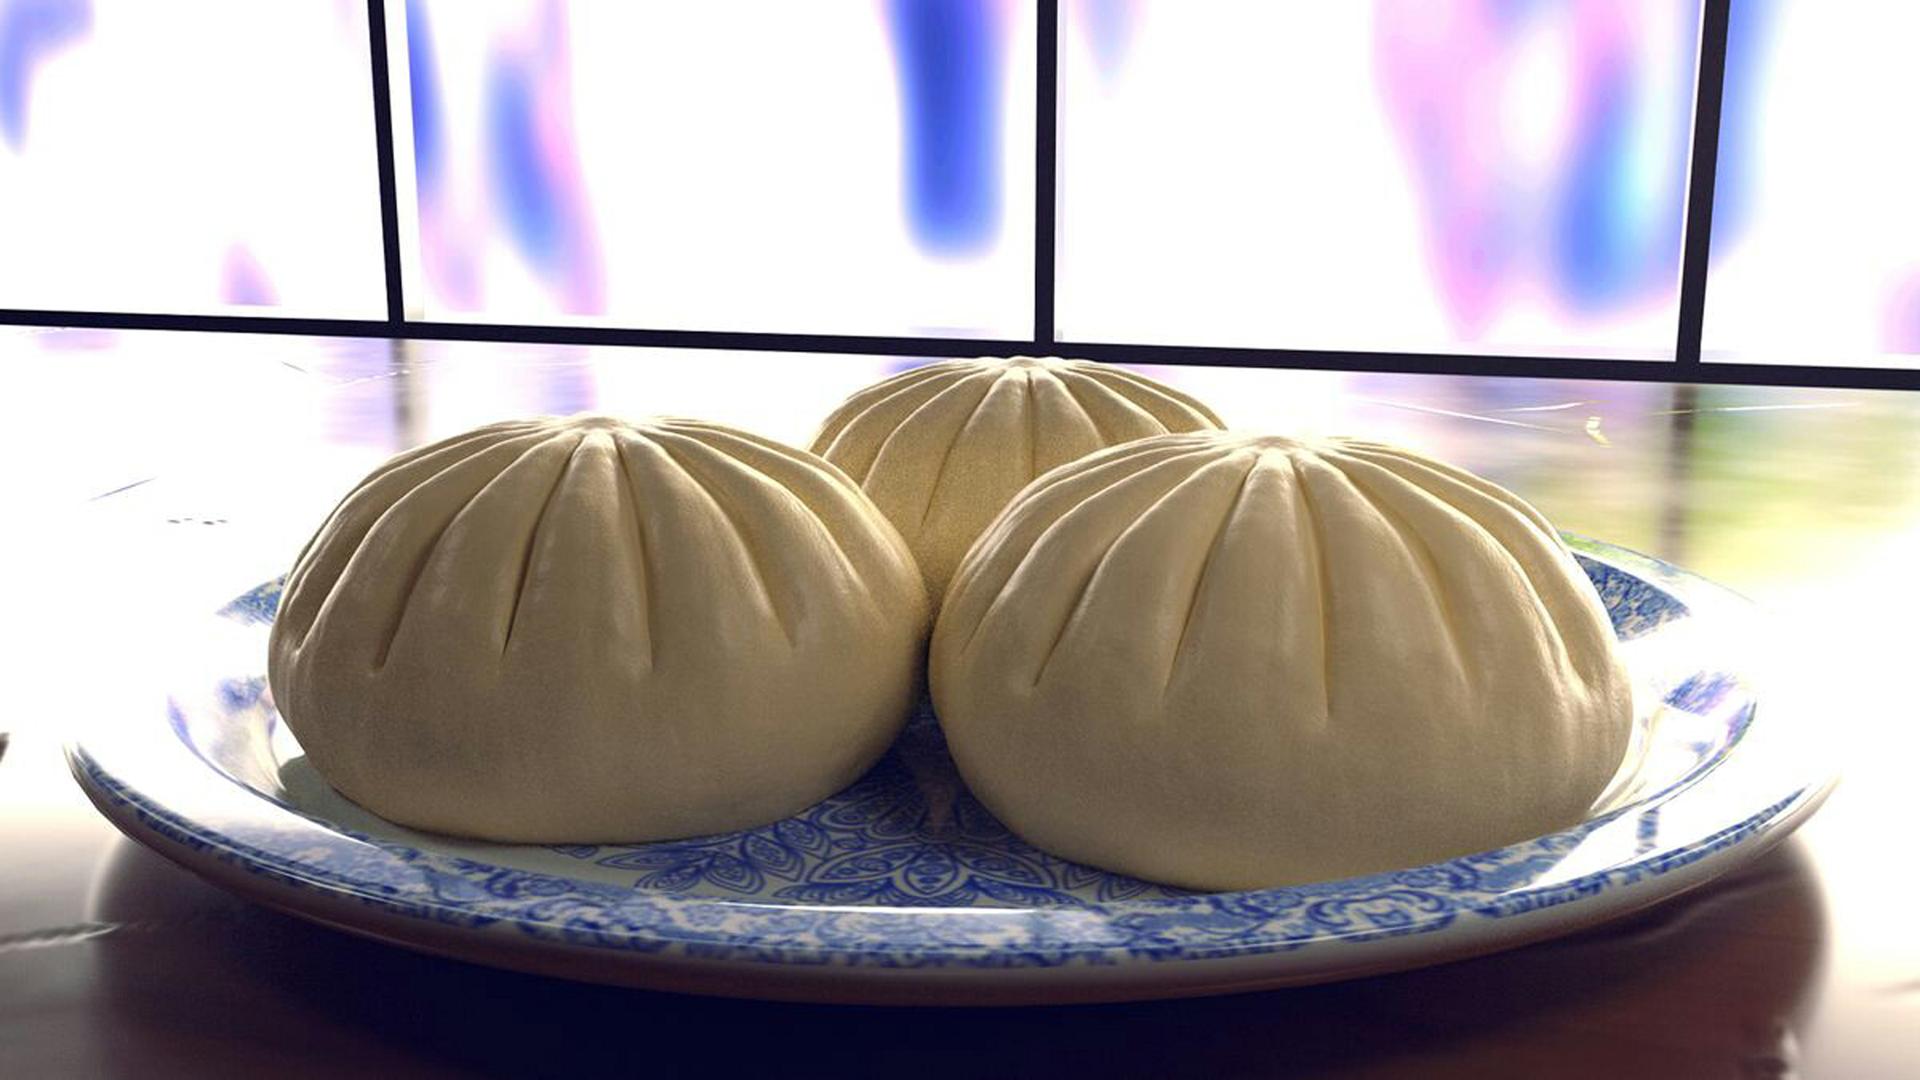 Baozi on a porcelain plate